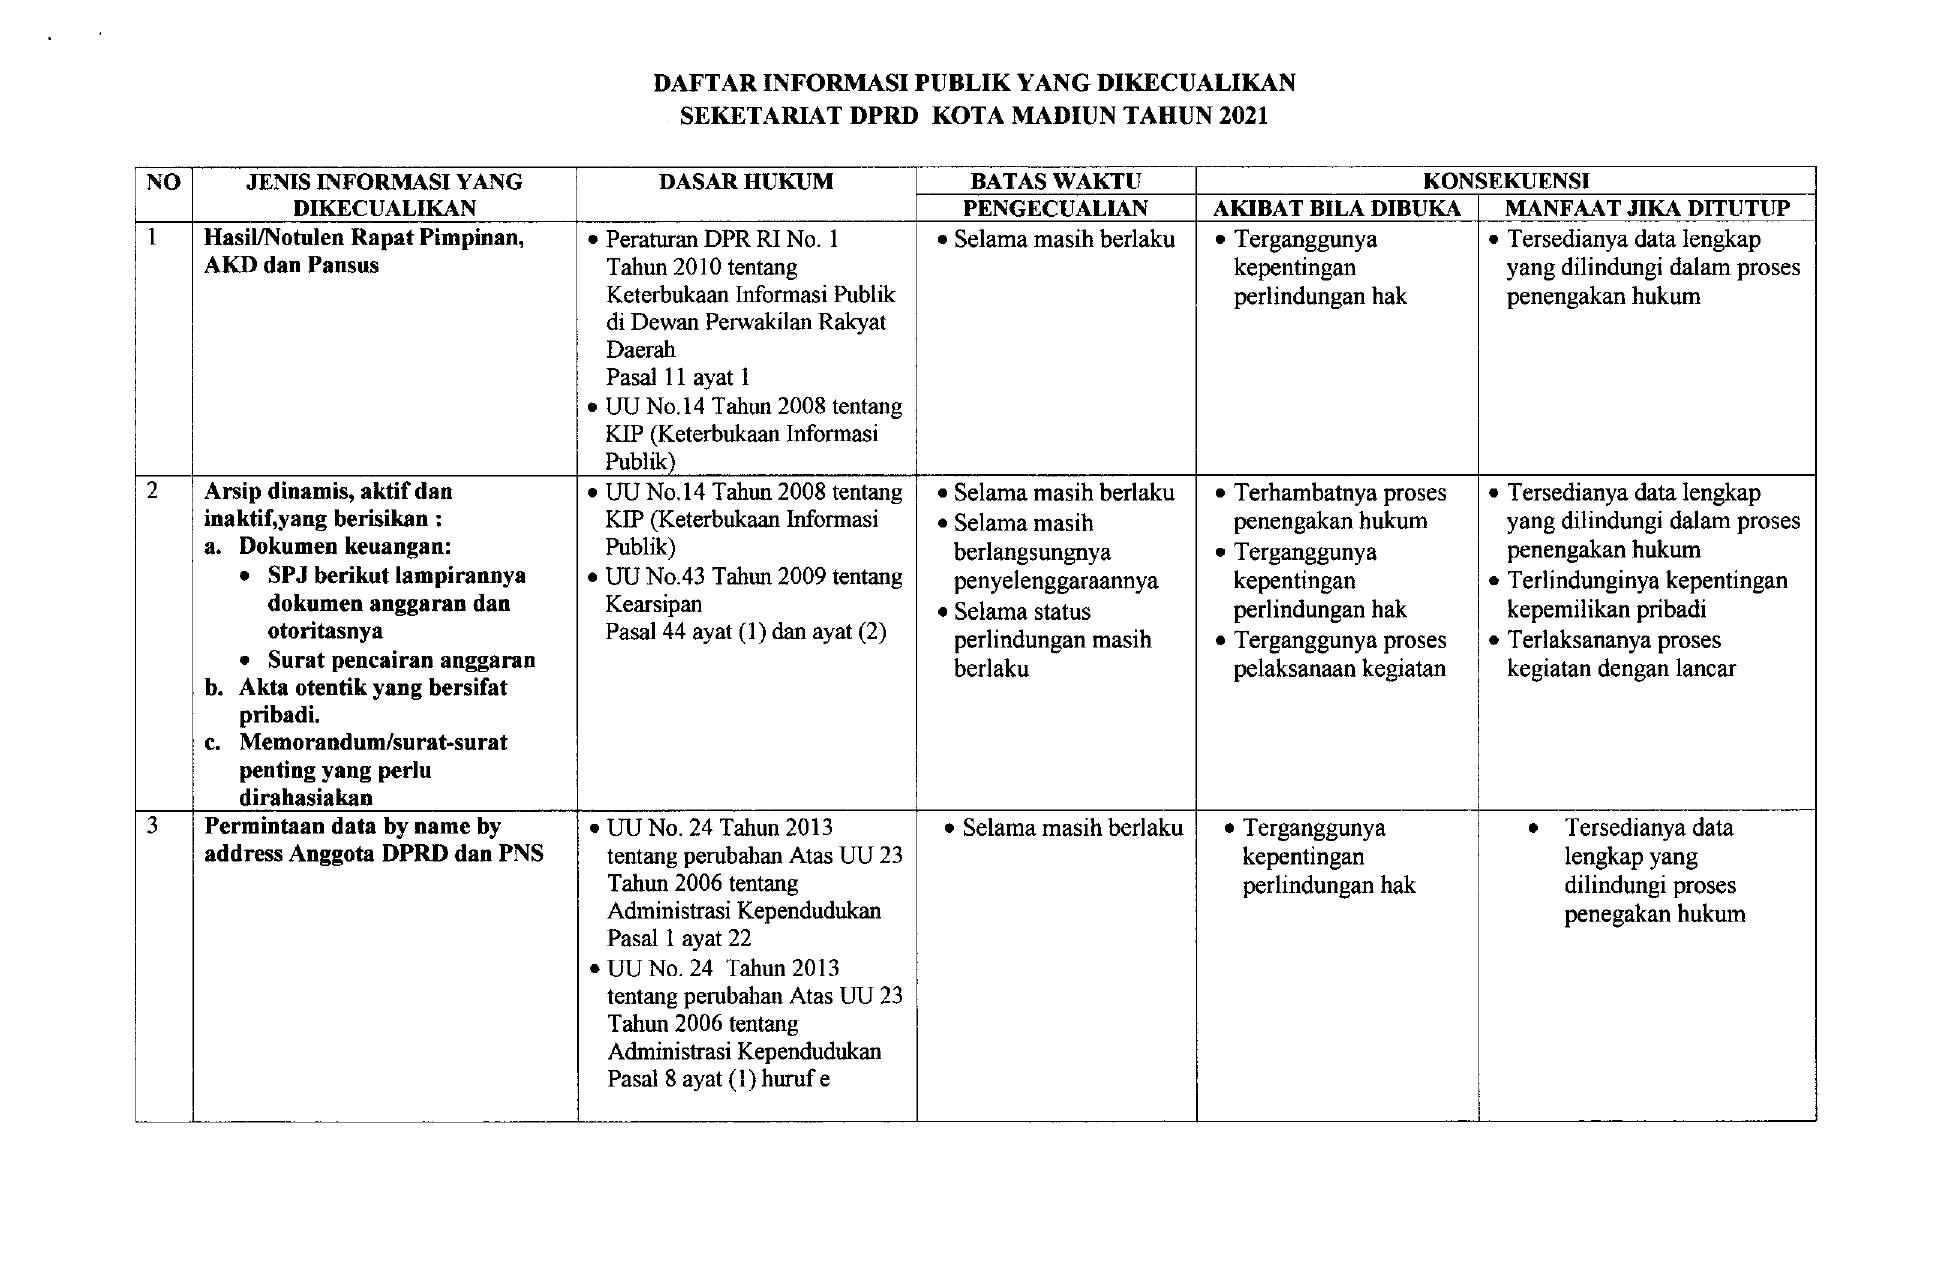 DAFTAR INFORMASI PUBLIK YANG DIKECUALIKAN SEKRETARIAT DPRD KOTA MADIUN TAHUN 2O21